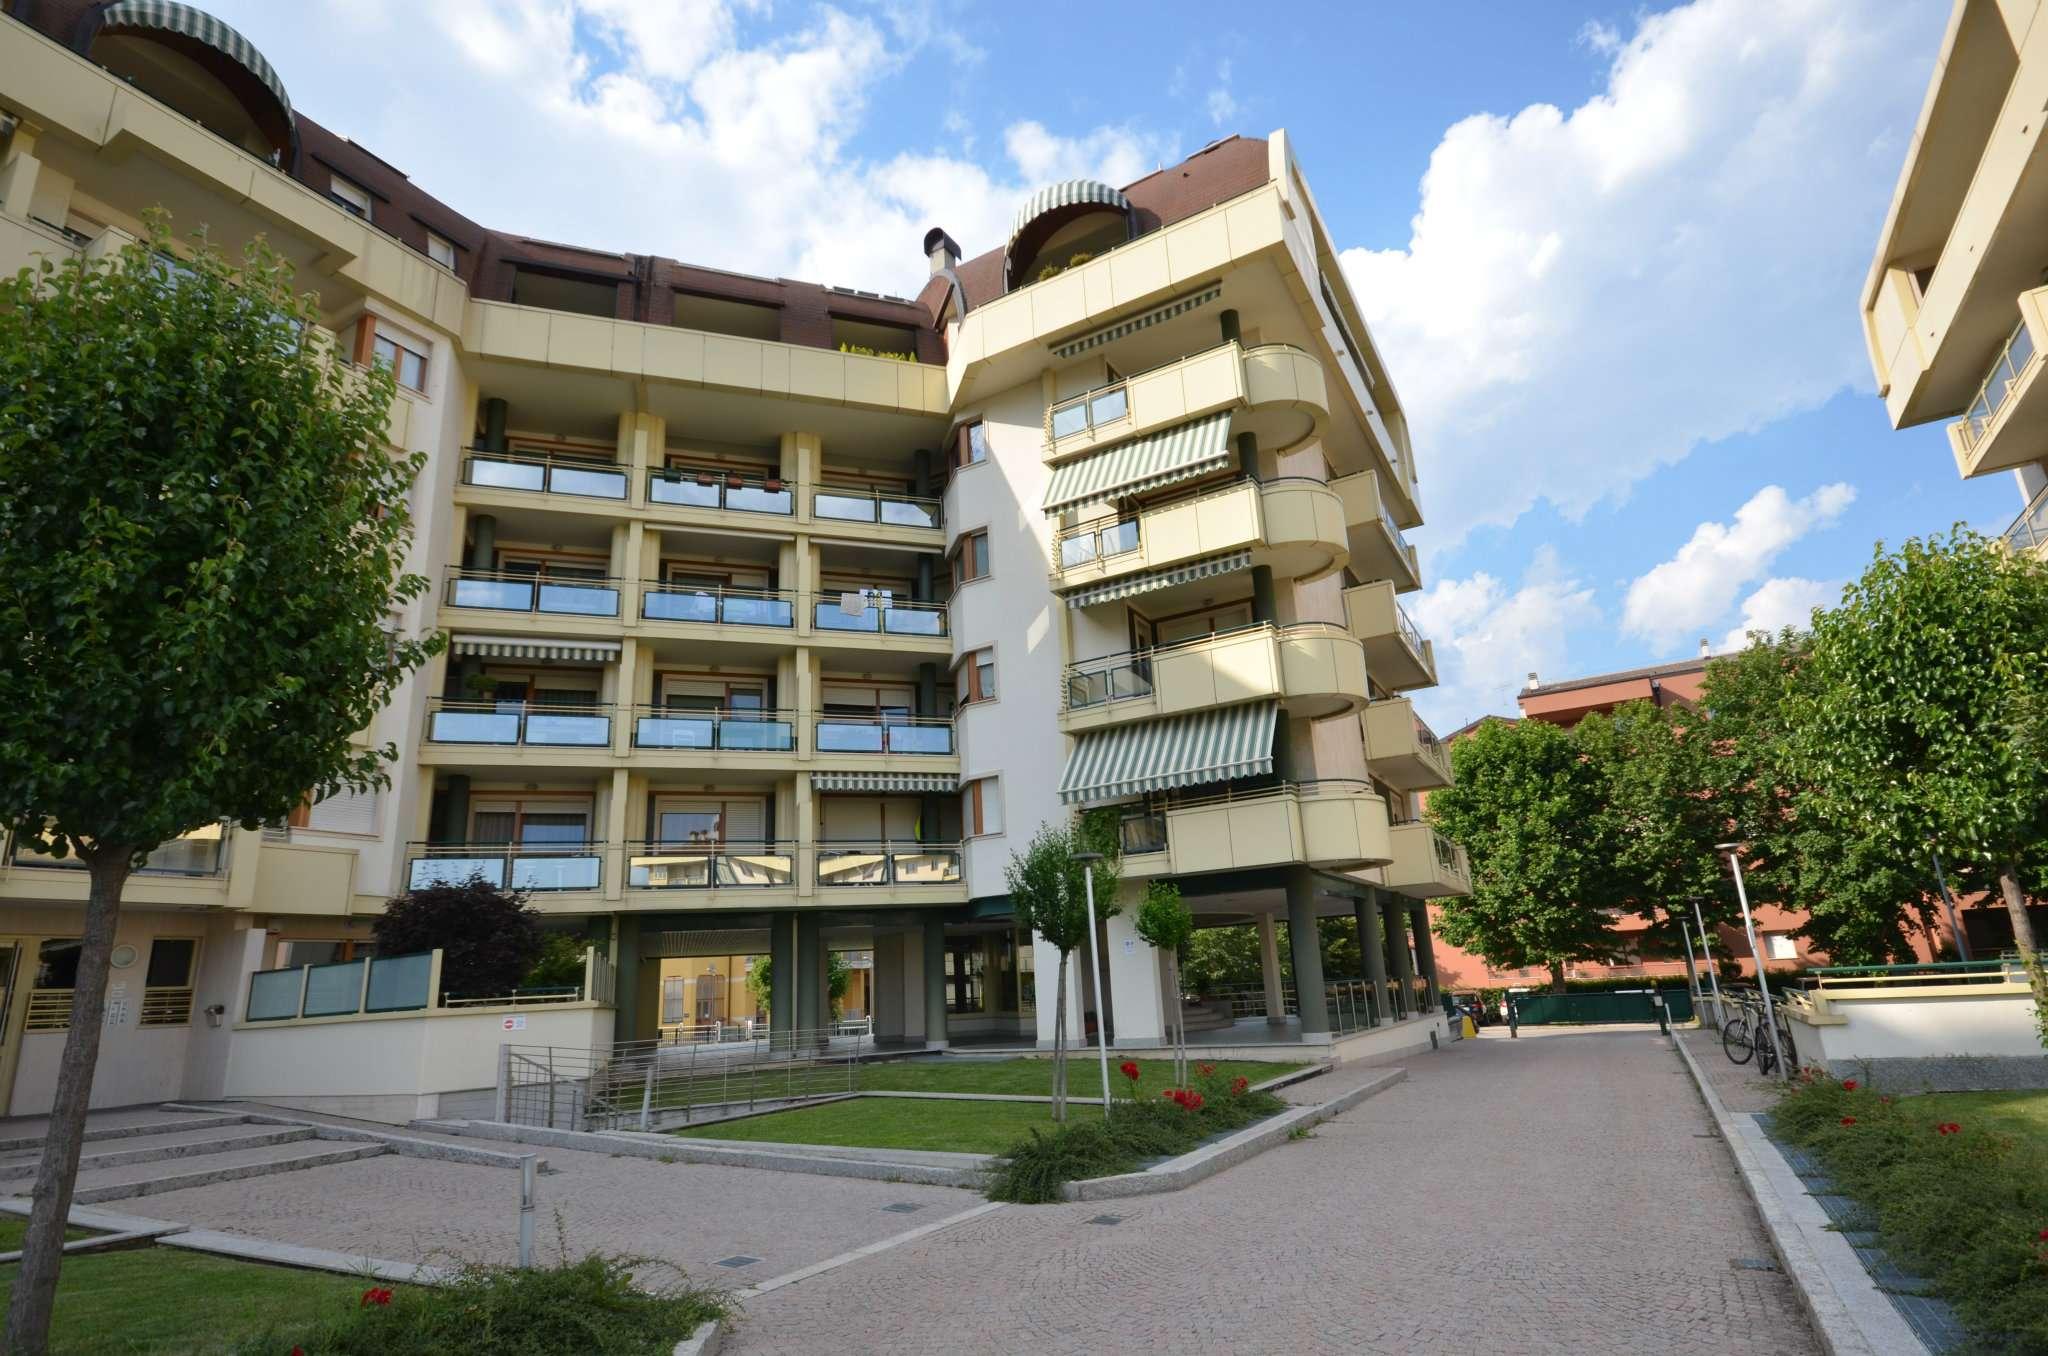 Appartamento in vendita a Cuneo, 3 locali, prezzo € 299.000 | CambioCasa.it